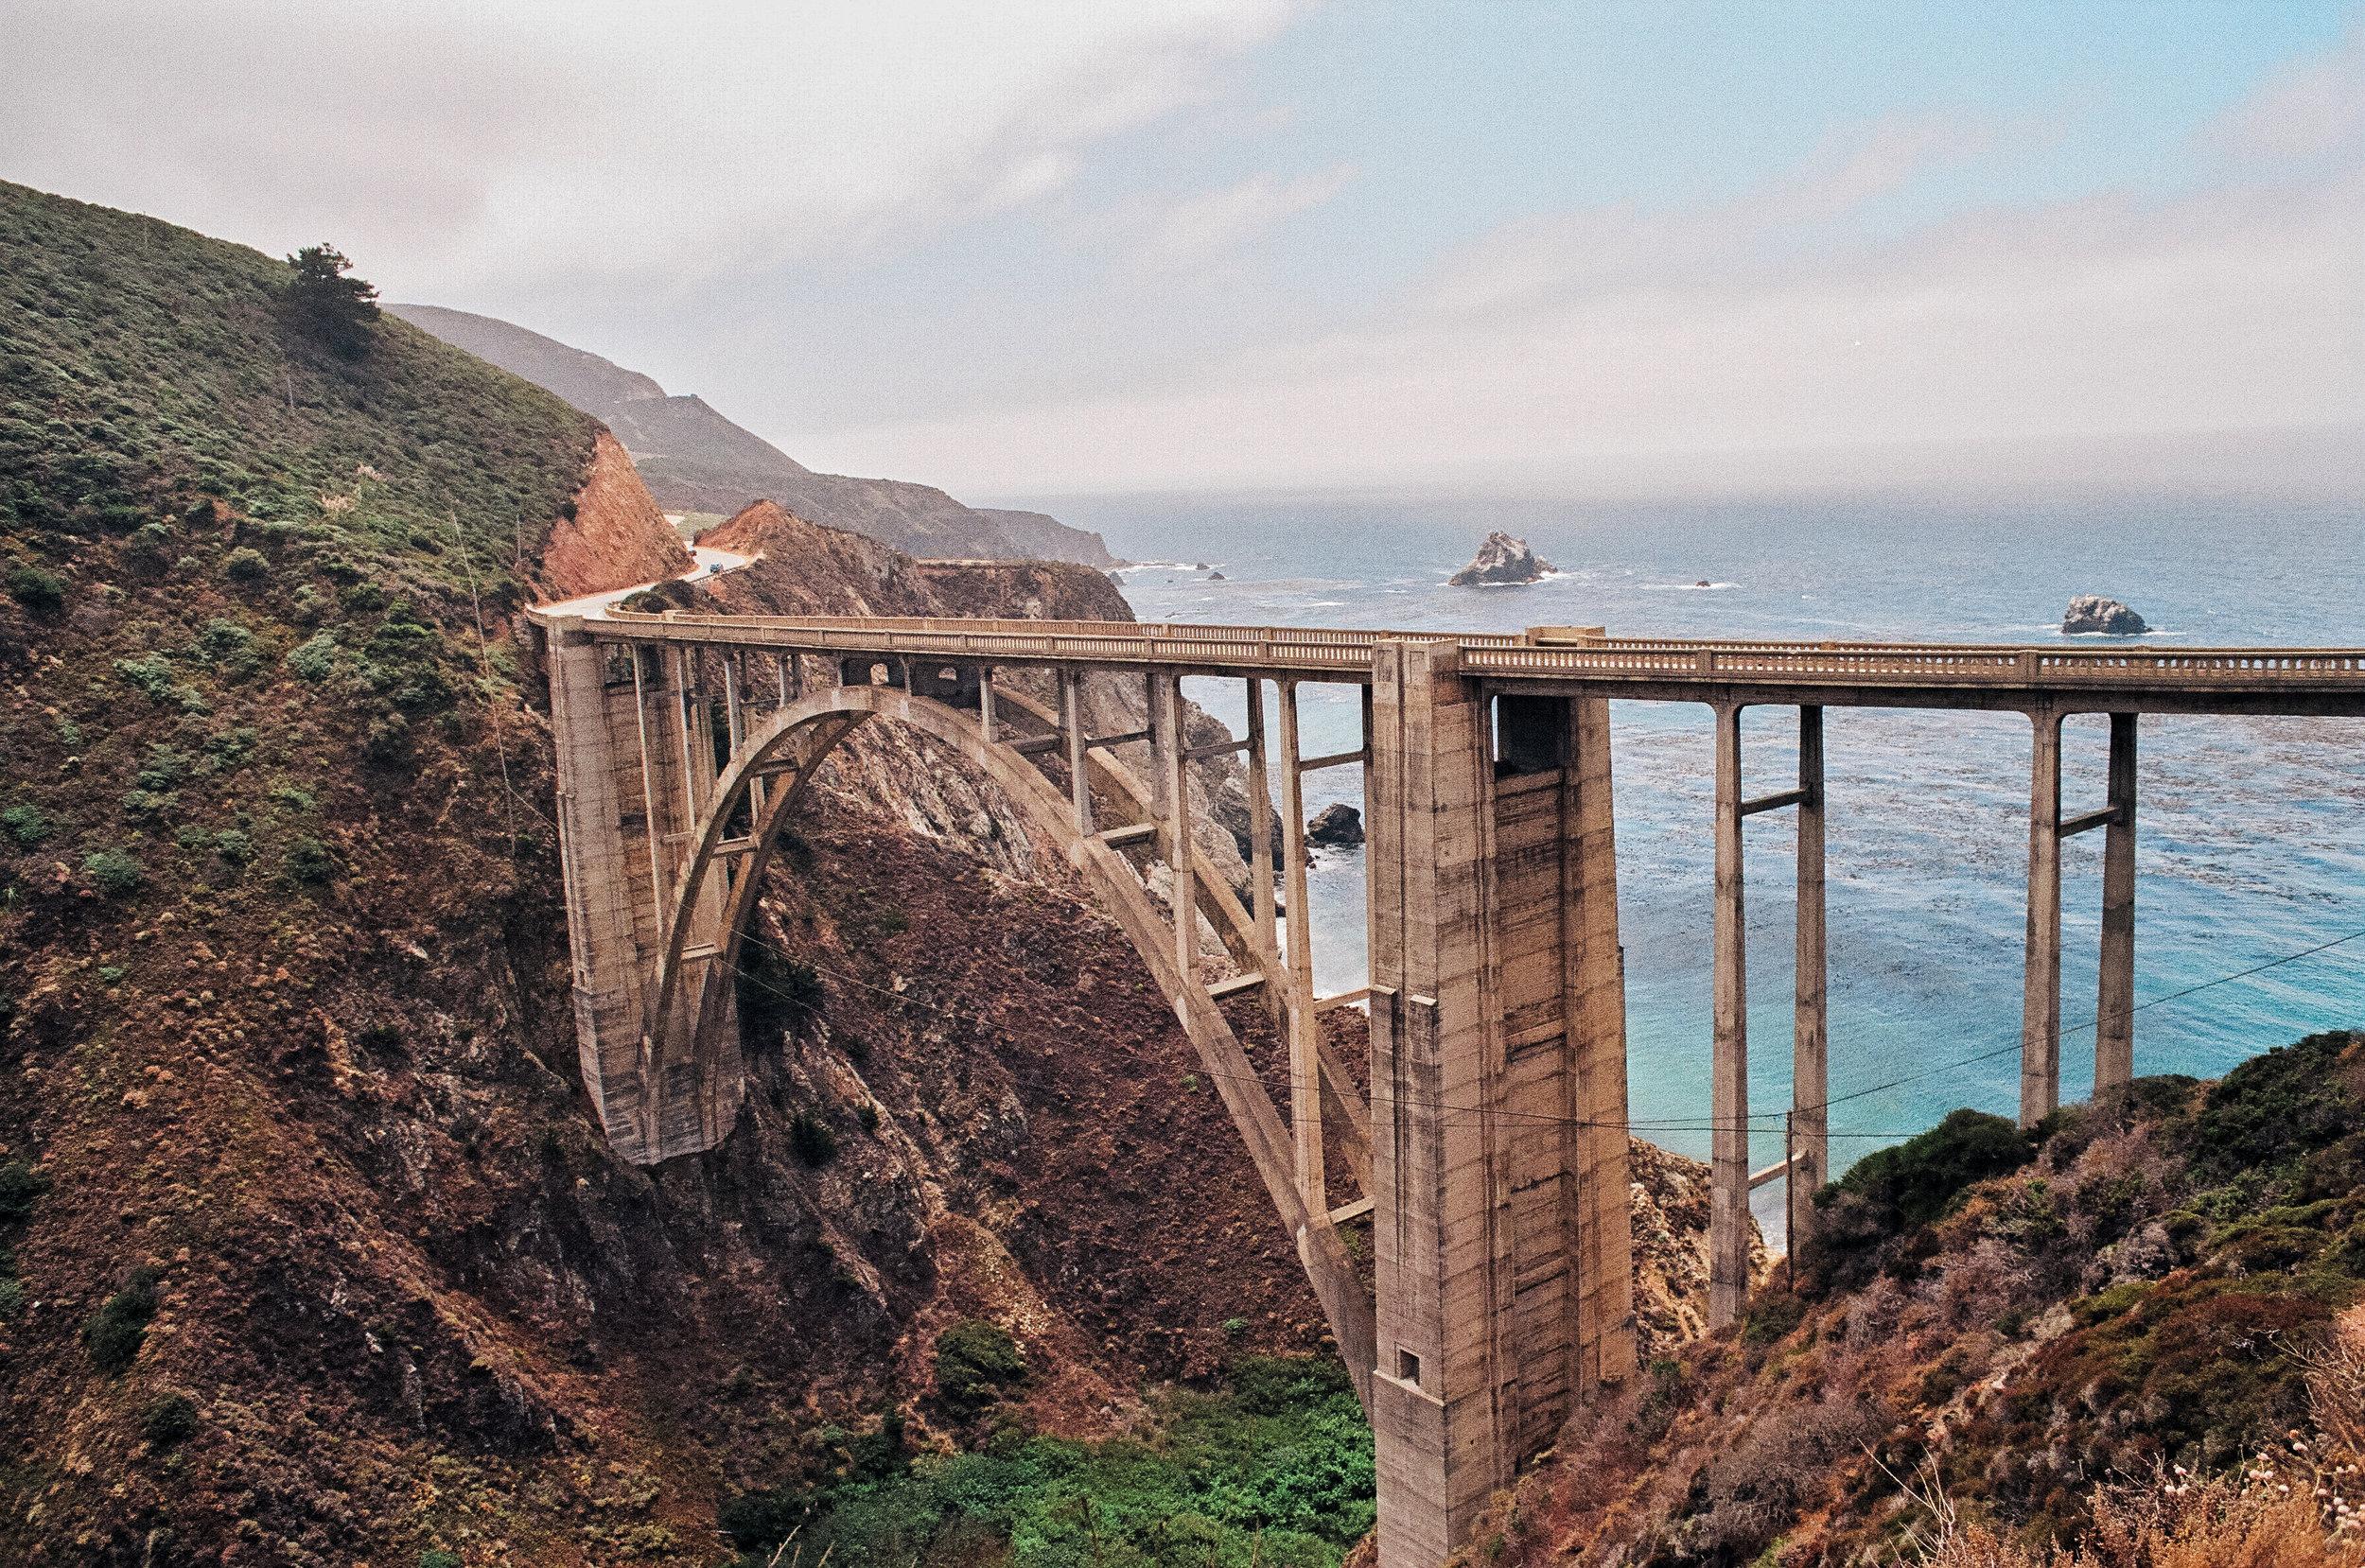 bixby_creek_bridge_big_sur